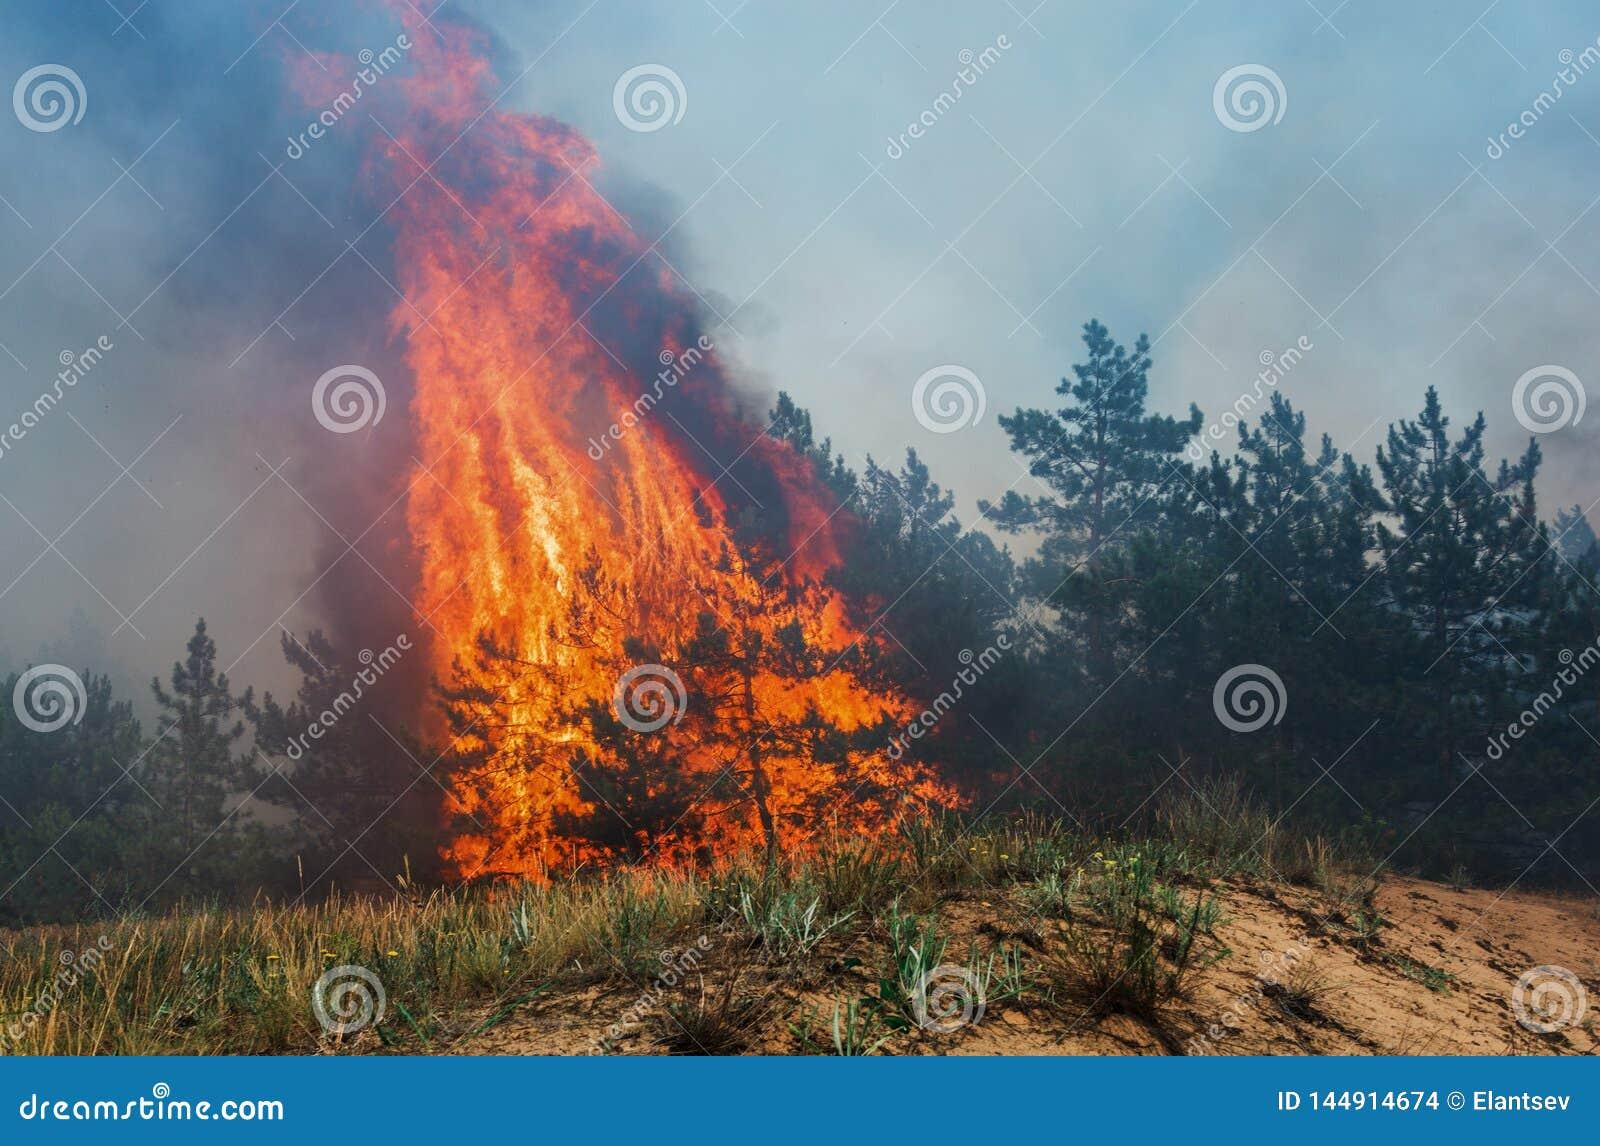 Forest Fire de gevallen boom wordt gebrand aan de grond heel wat rook wanneer vildfire